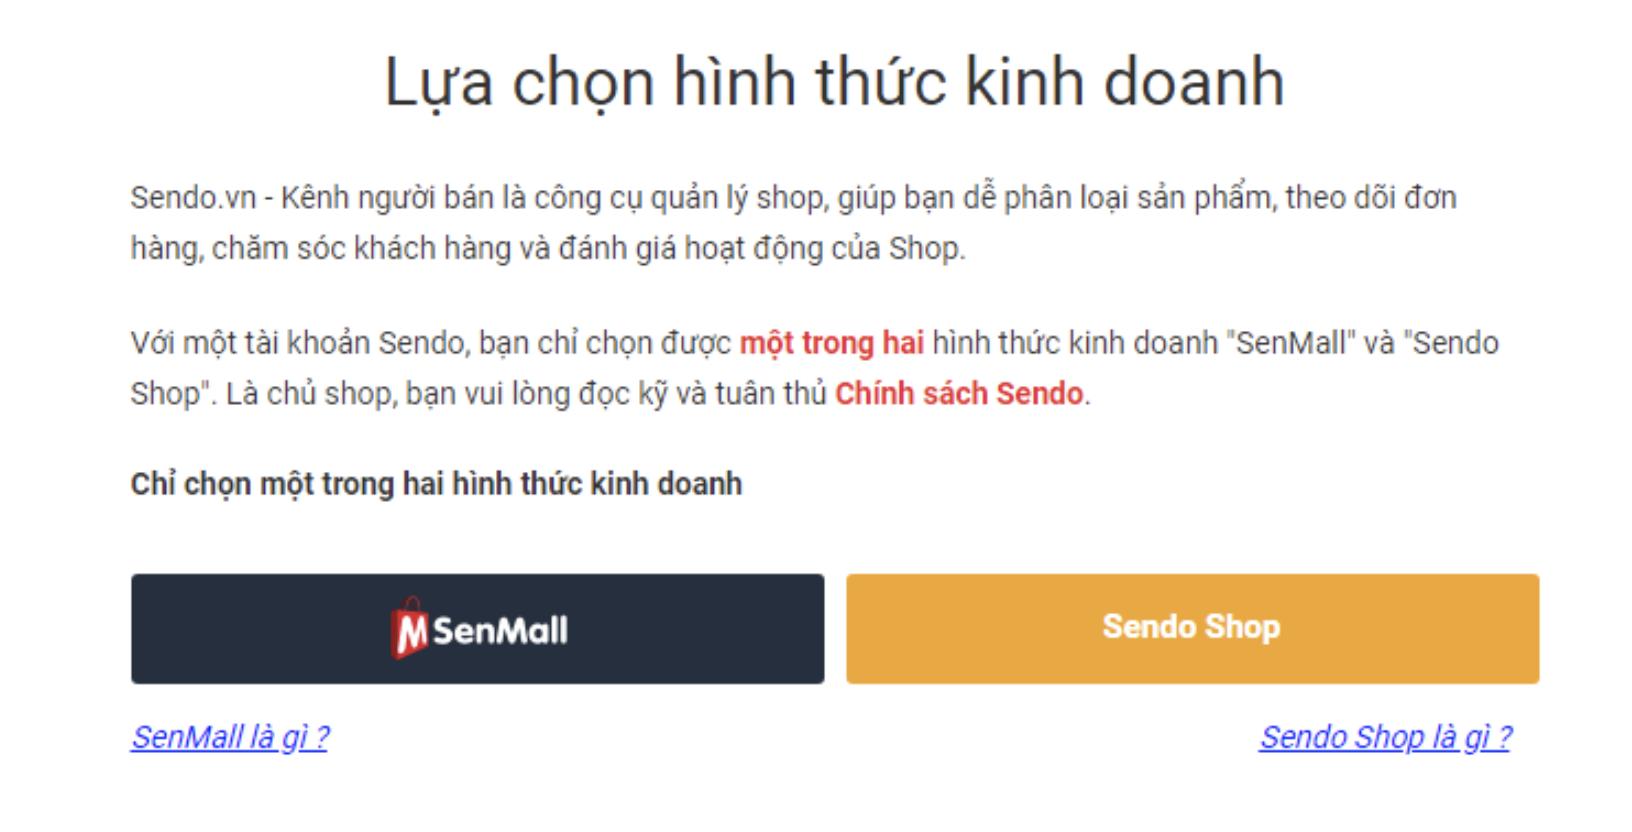 Hướng dẫn lựa chọn hình thức kinh doanh của Sendo, SenMall hay bán hàng thường